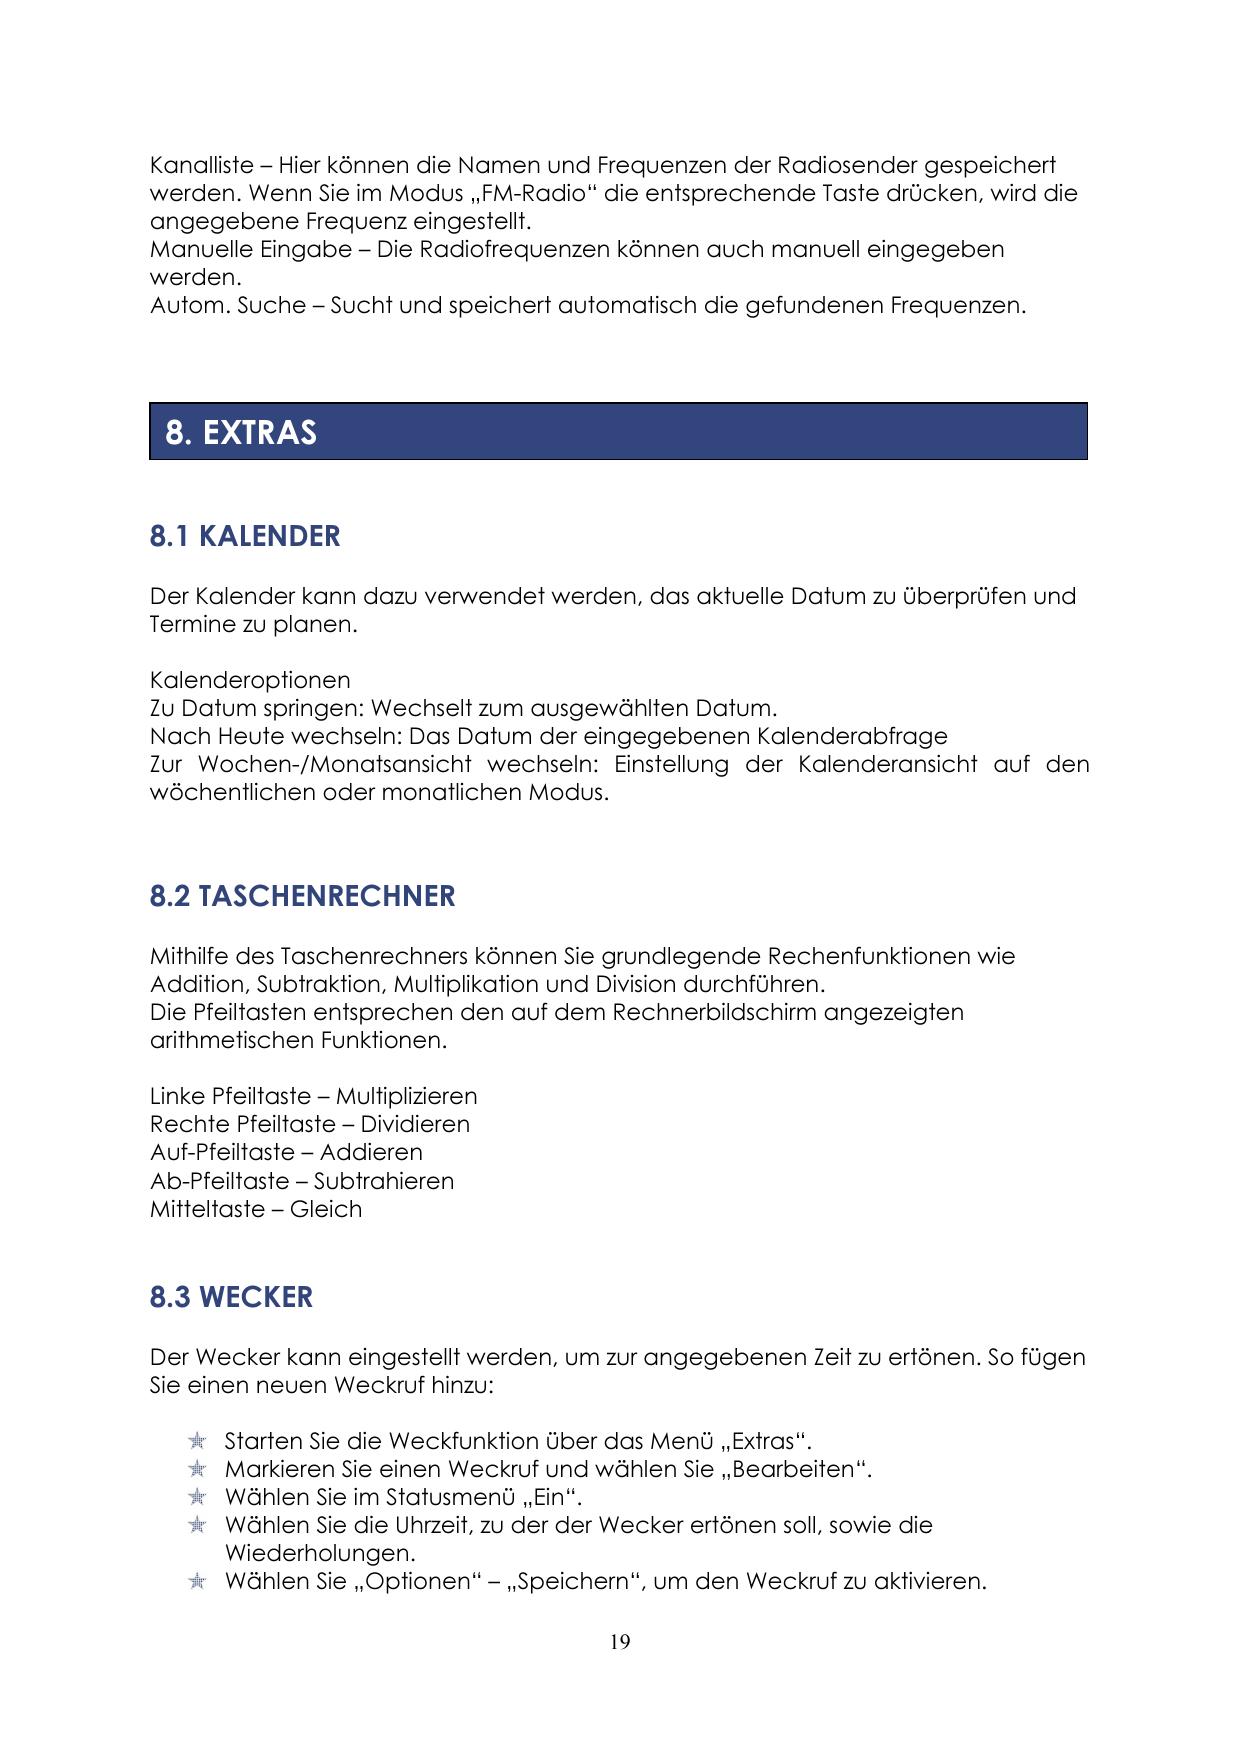 Bedienungsanleitung - Kazam Life B4 - Kazam OS - mobilcom-debitel Guides